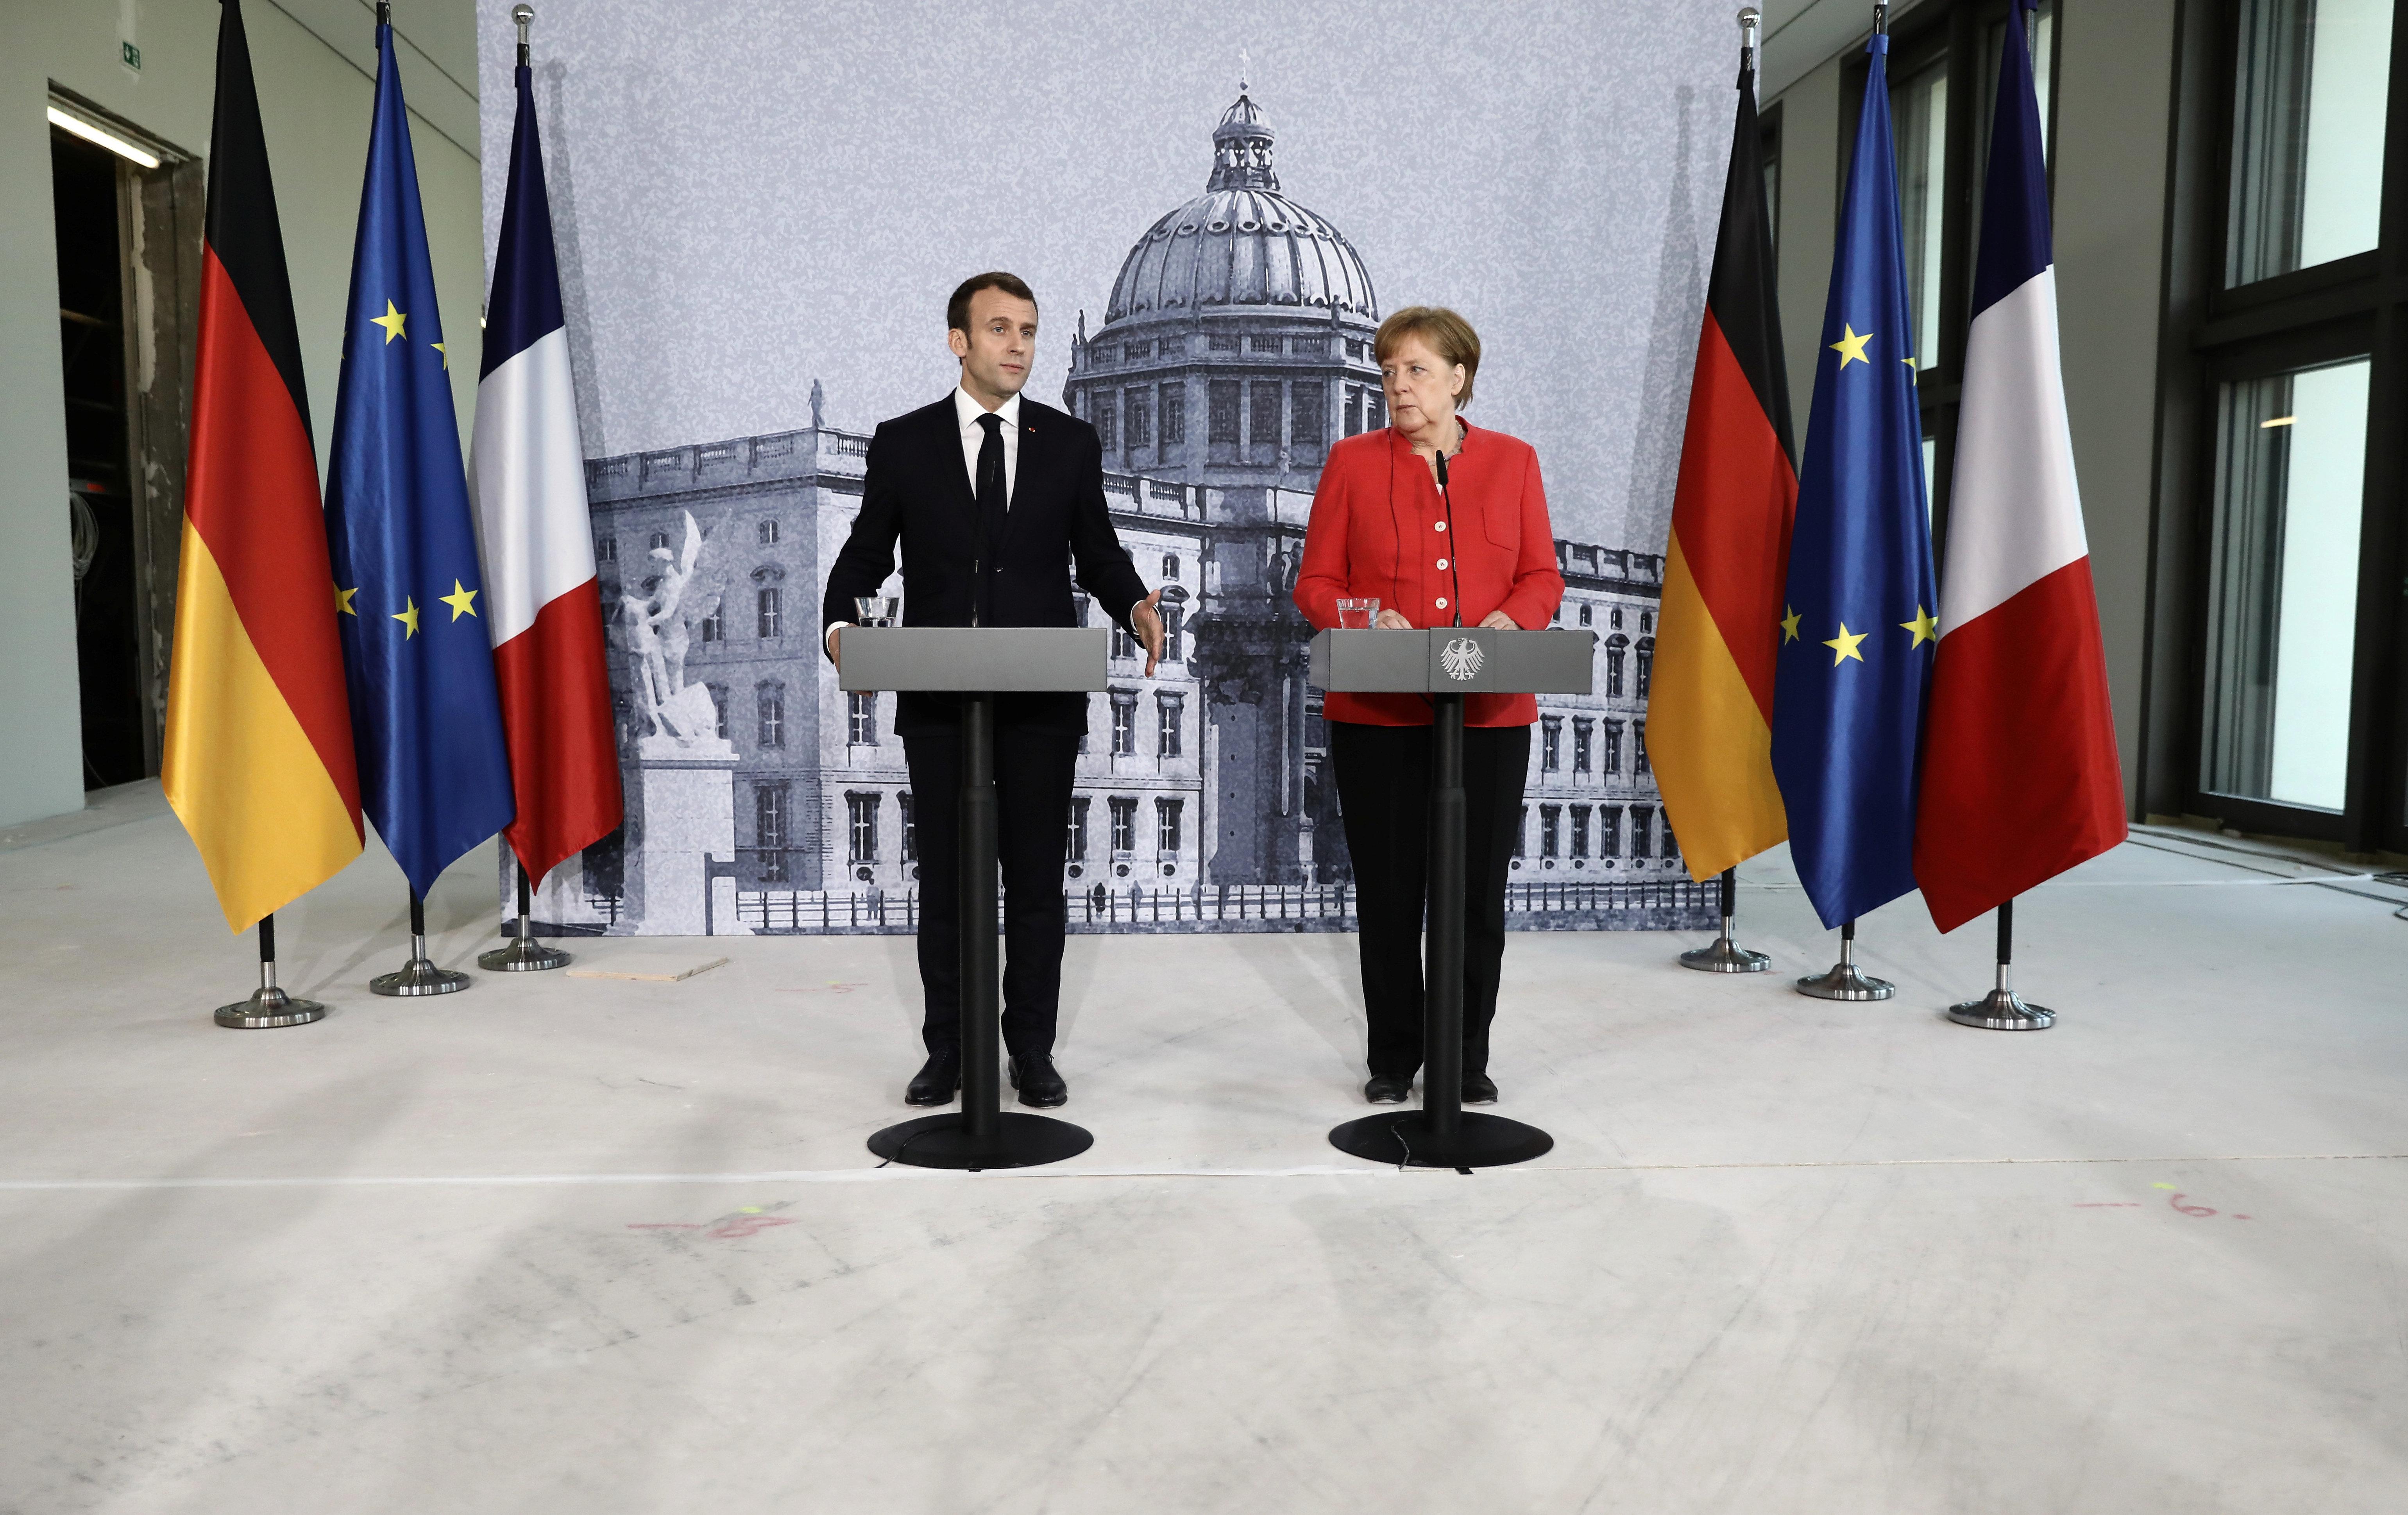 Παρίσι και Βερολίνο υπόσχονται να καταθέσουν τον Ιούνιο κοινές προτάσεις για τη μεταρρύθμιση της